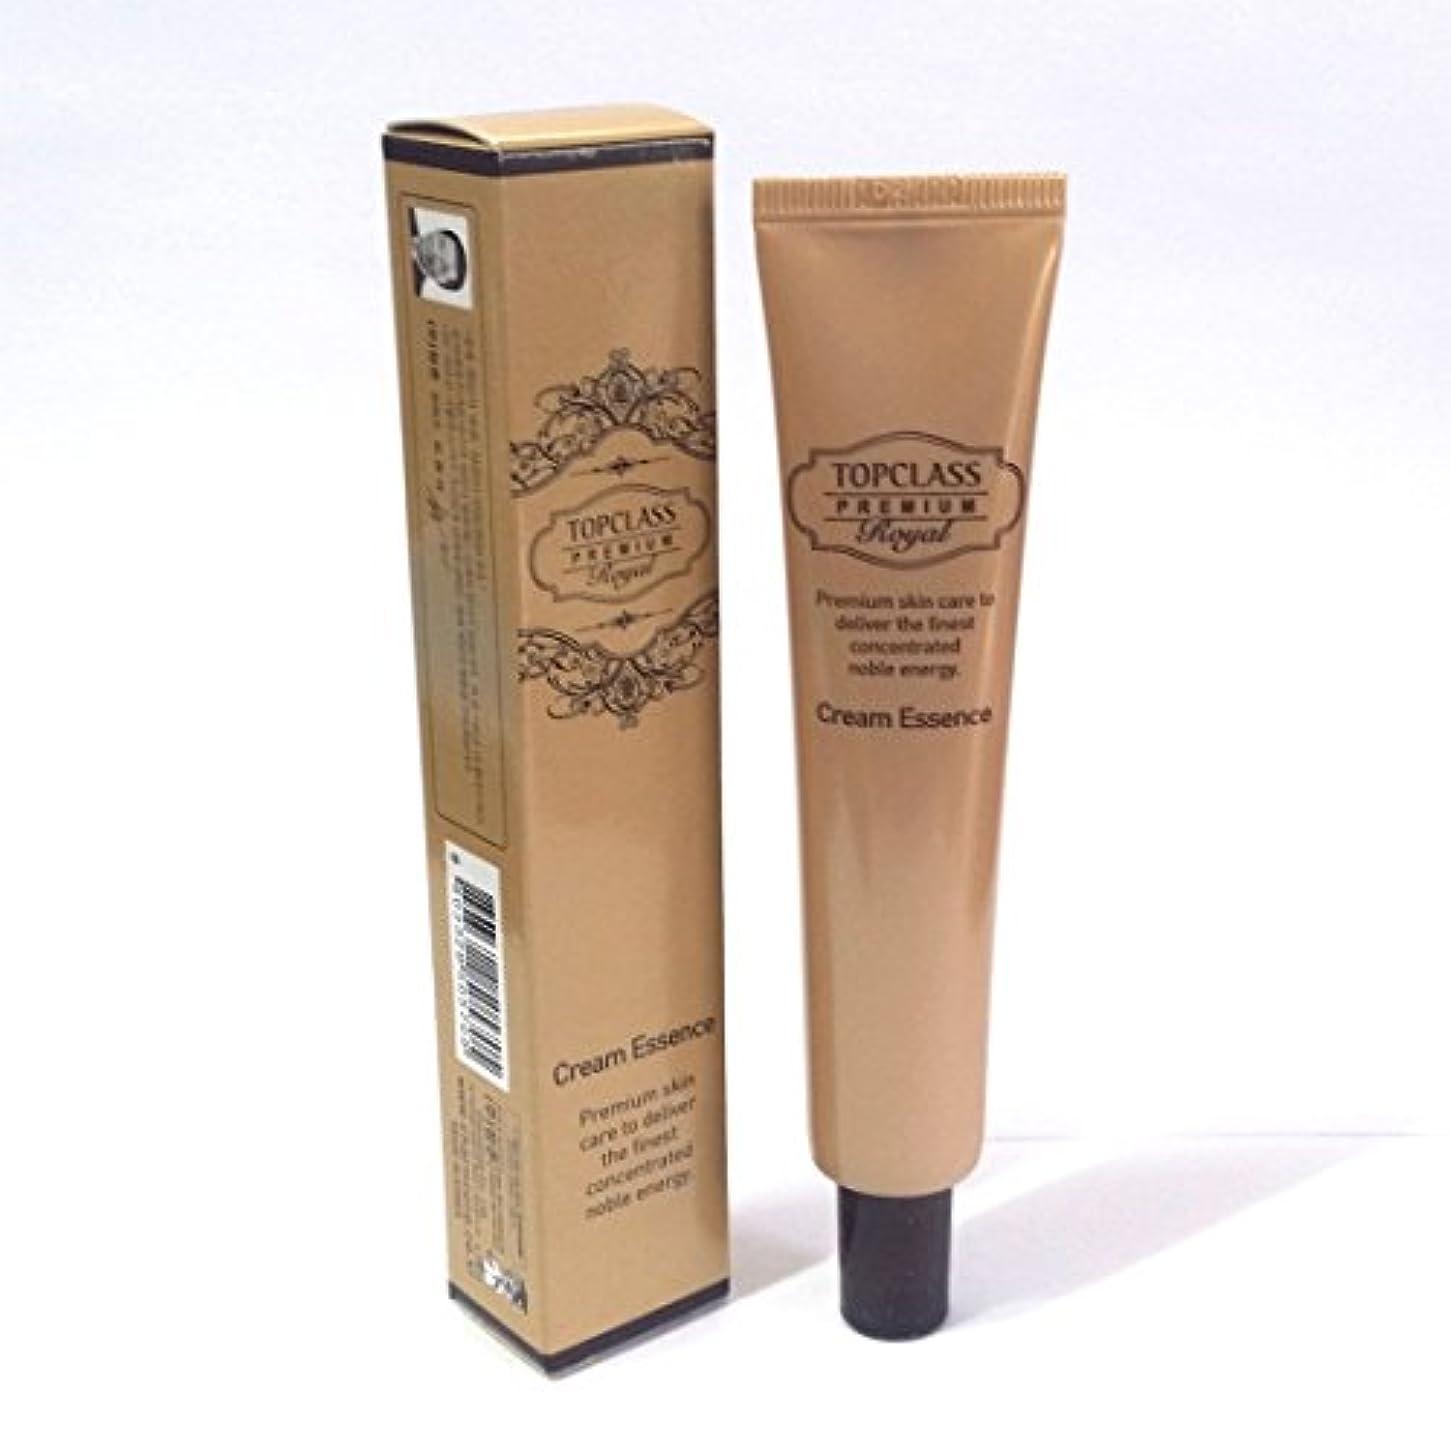 生息地ライトニング塩辛い[TOPCLASS] プレミアムロイヤルクリームエッセンス30ml /Premium Royal Cream Essence 30ml/レジリエント&モイスチャー&スージング/韓国の化粧品 / Resilient & Moist & Soothing/ Korean Cosmetics (6EA) [並行輸入品]